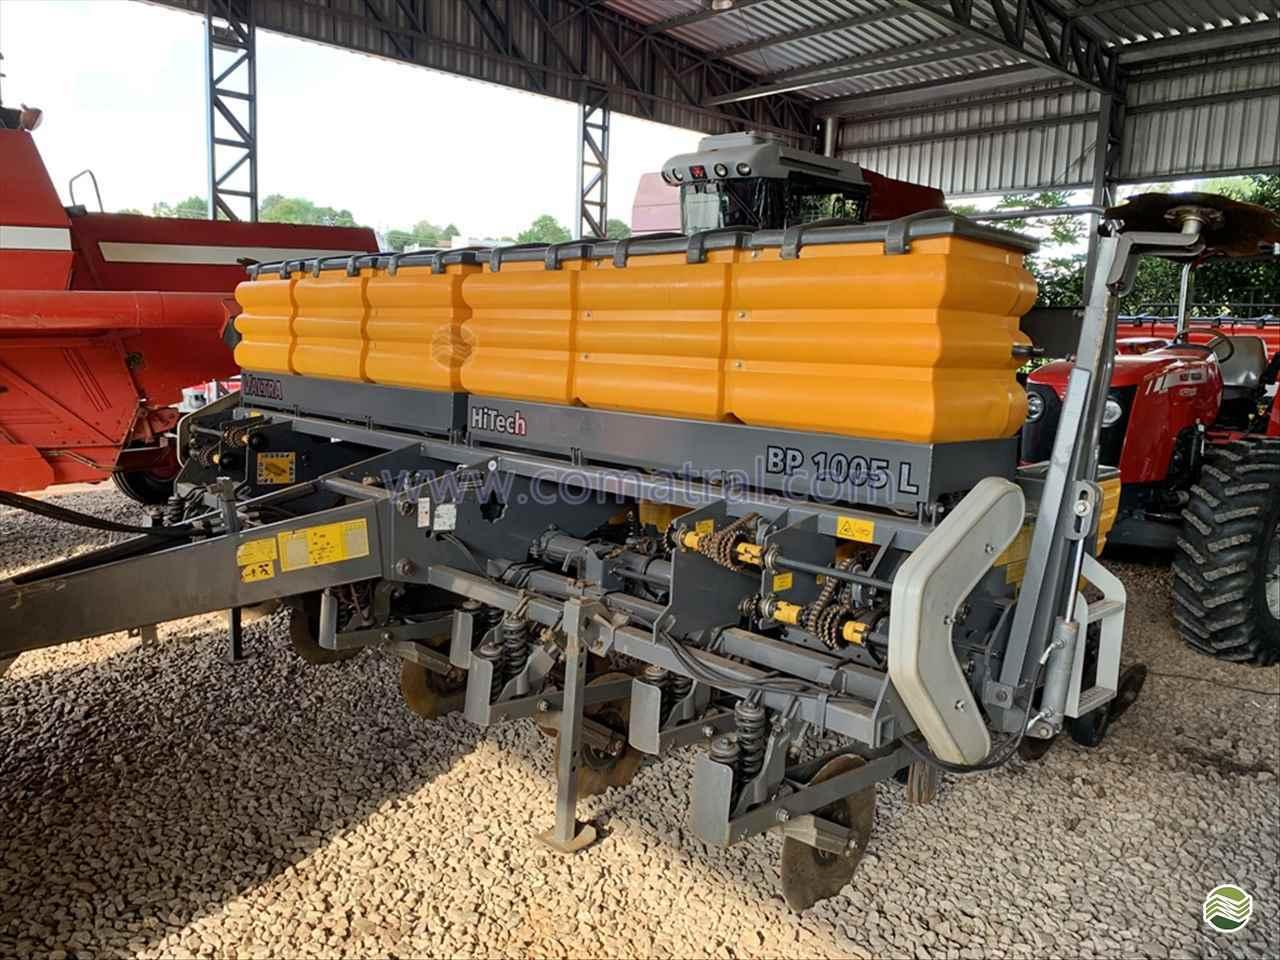 PLANTADEIRA VALTRA HITECH BP 1005 Comatral Caminhões e Máquinas Agrícolas PANAMBI RIO GRANDE DO SUL RS